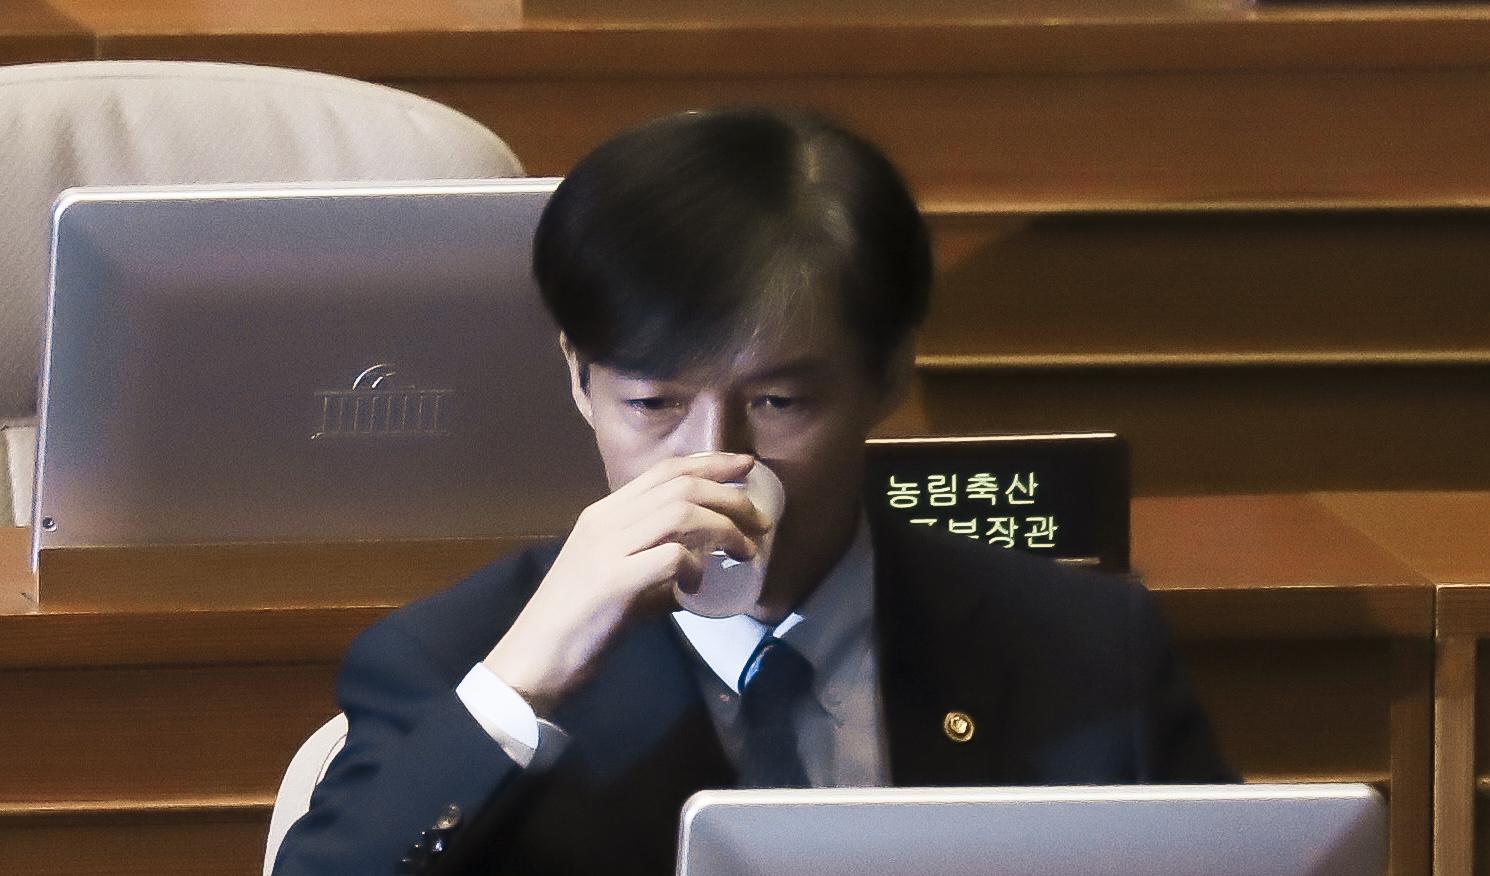 조국 법무부 장관이 26일 국회 본회의 정치 분야 대정부질문에 참석해 물을 마시고 있다. 김경록 기자